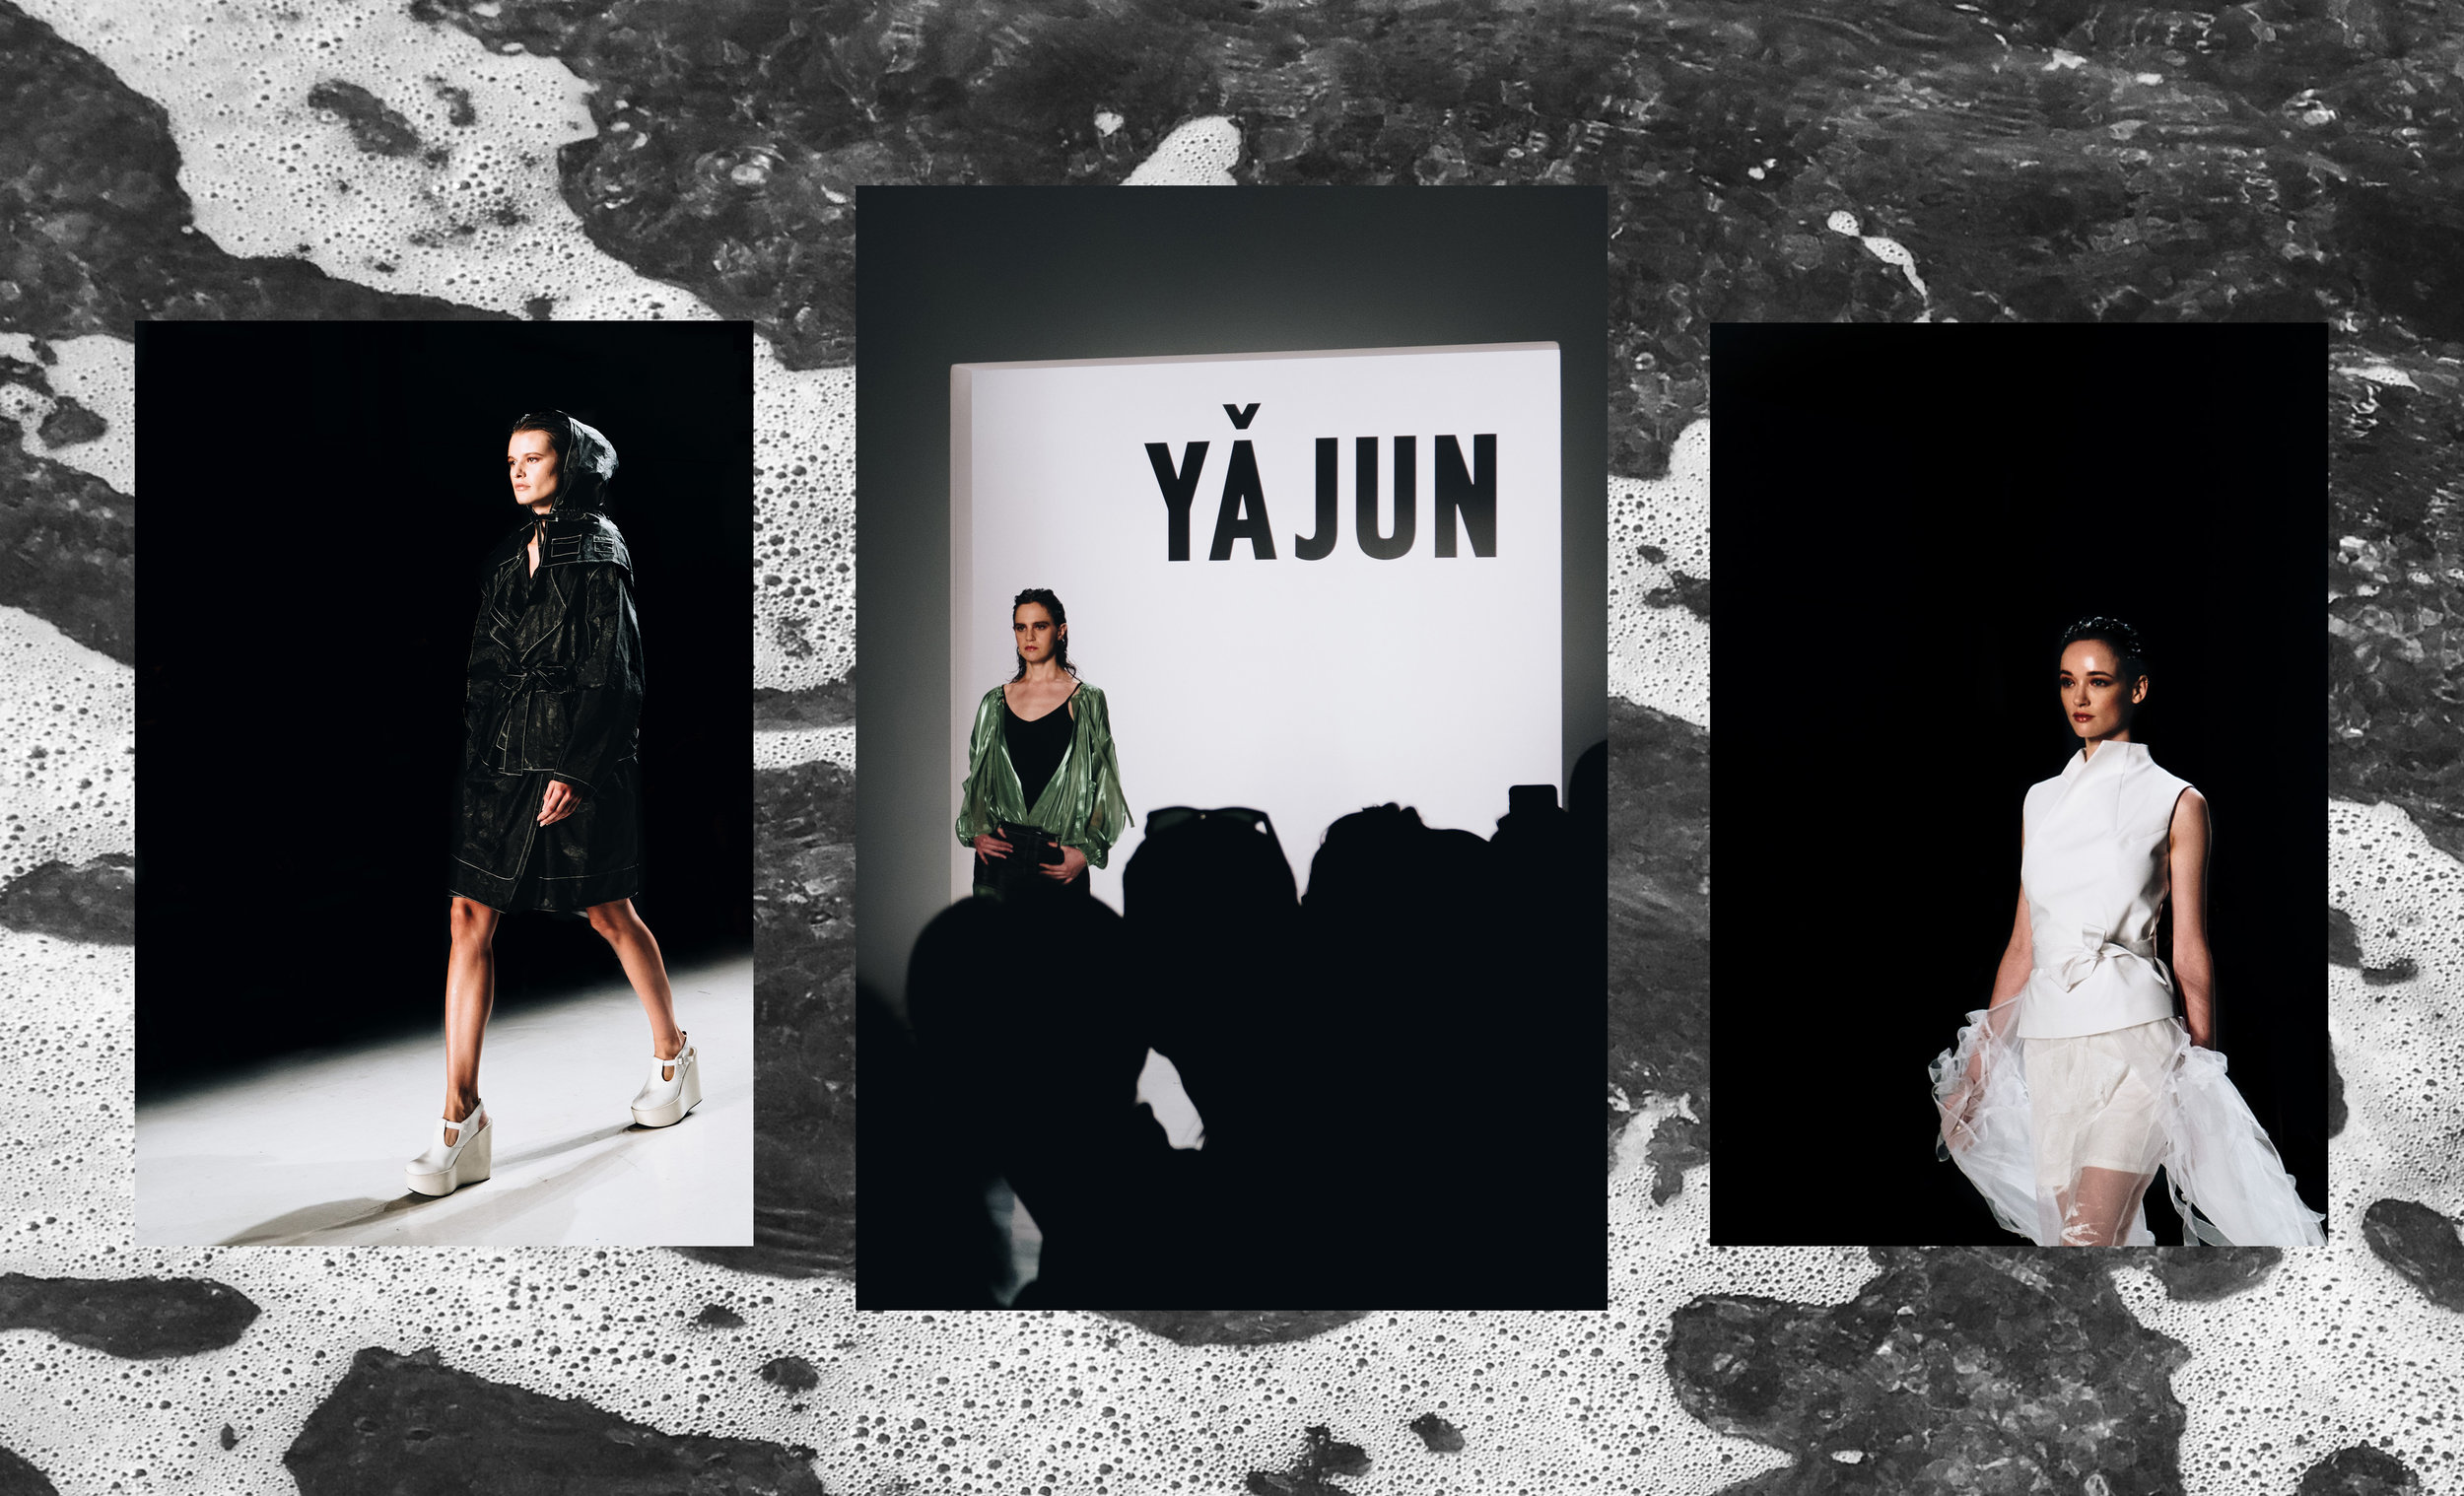 yajun 2.jpg